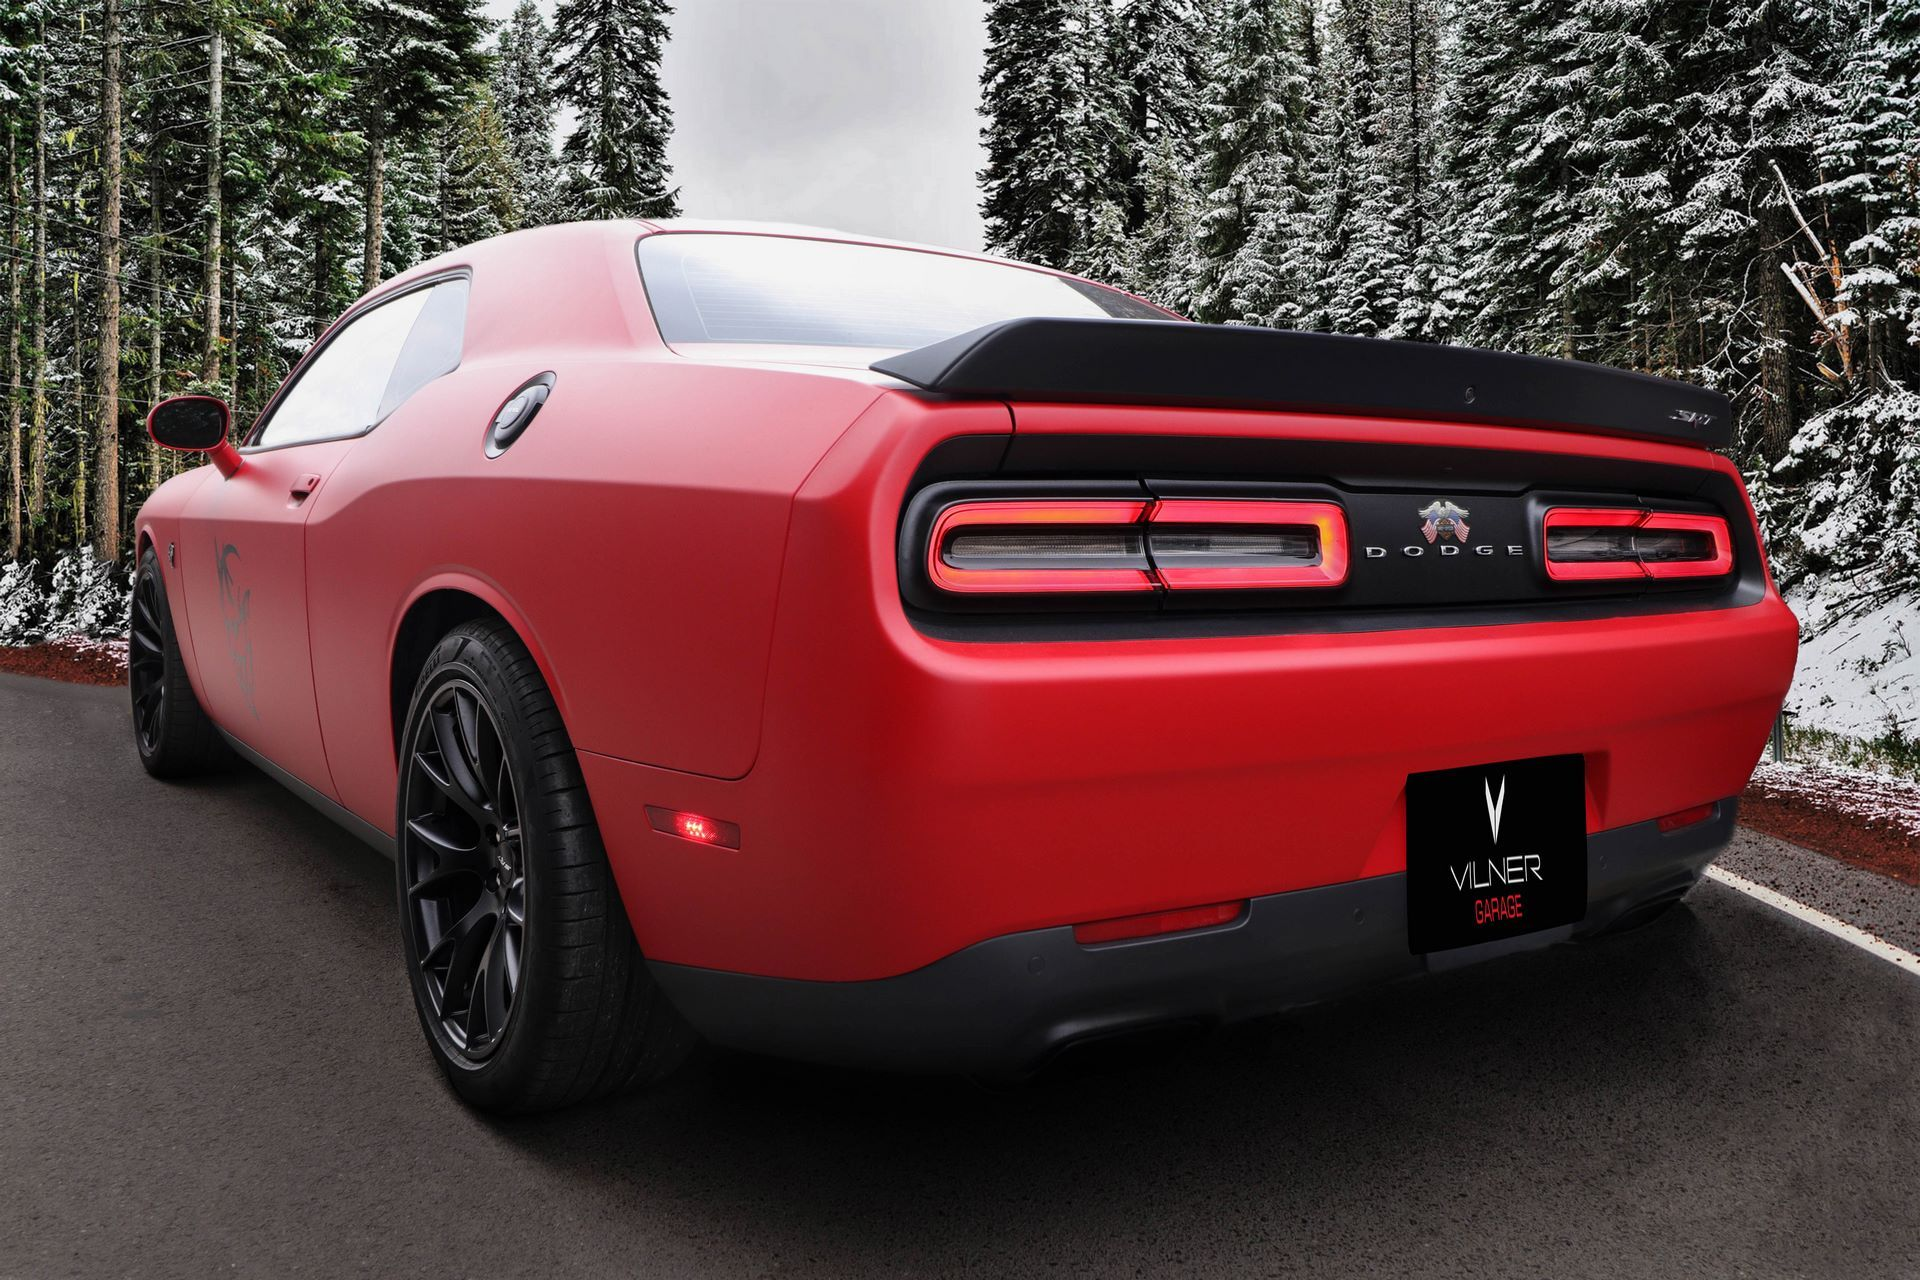 Dodge-Challenger-Hellcat-by-Vilner-25